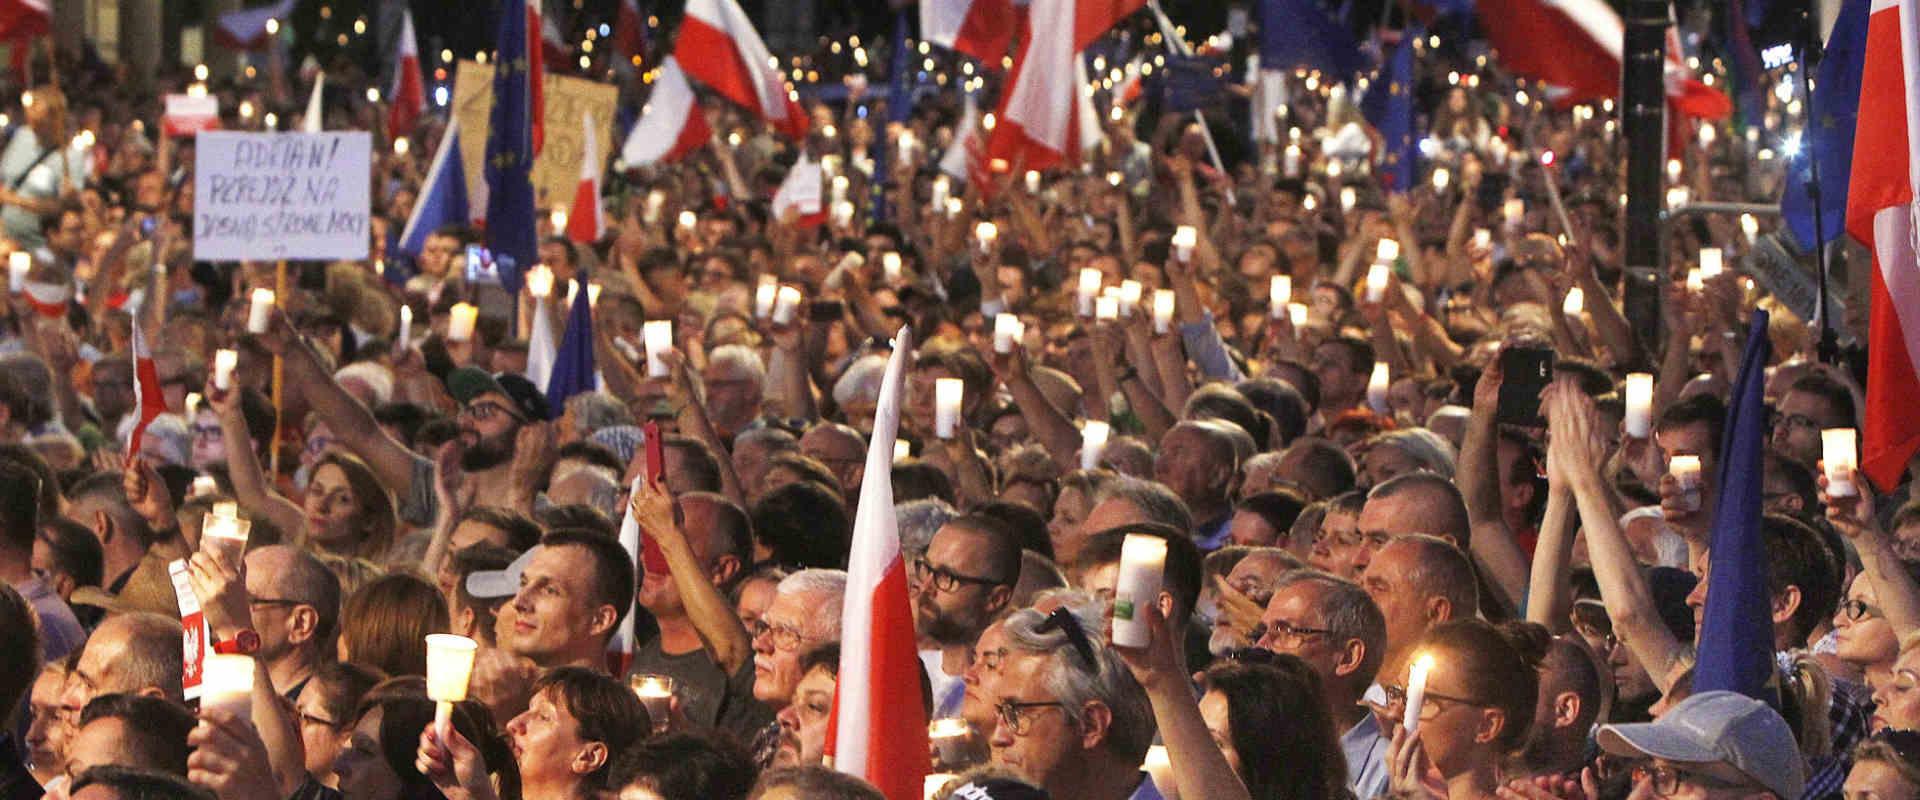 מפגינים בפולין נגד הרפורמה במערכת המשפט, בשבוע שעב